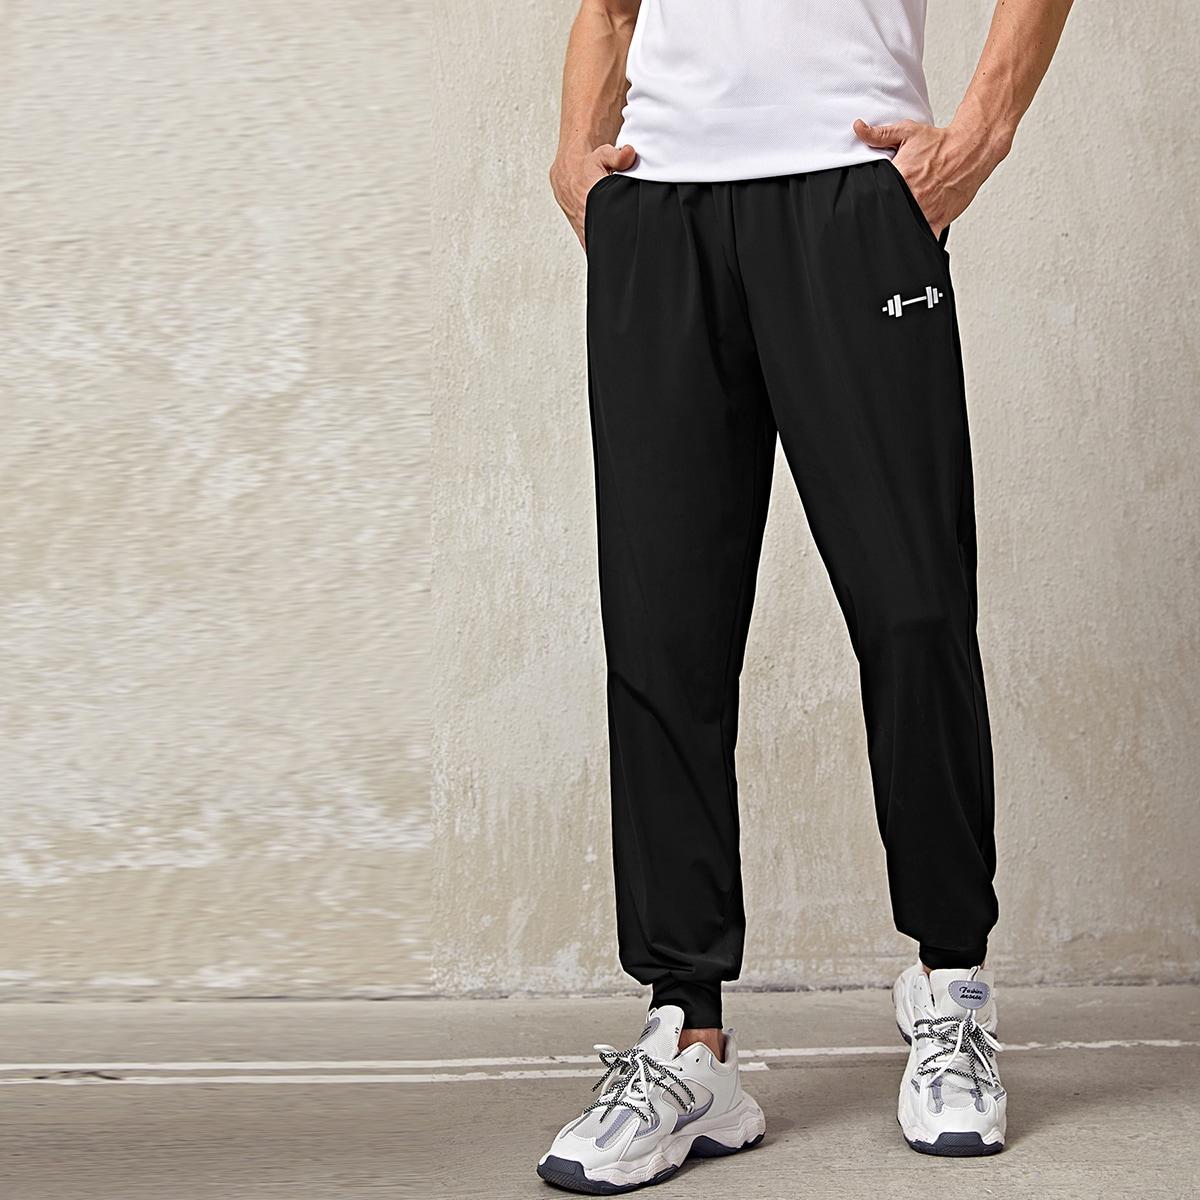 Мужские спортивные брюки с графическим принтом и кулиской на талии